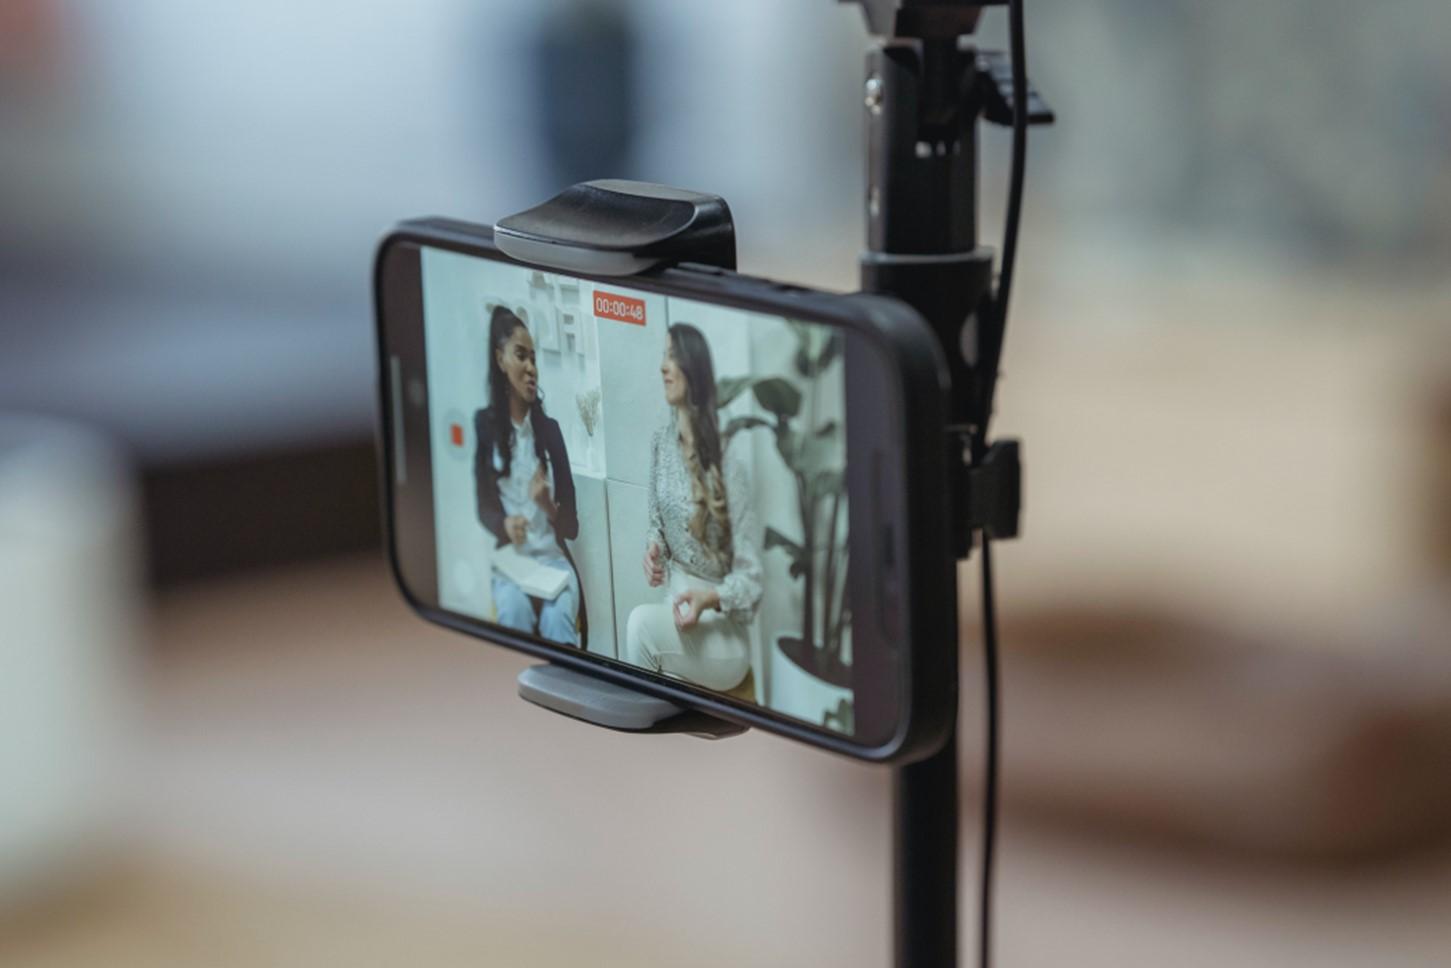 social-media-video-content-massmedia-marketing-advertising-pr